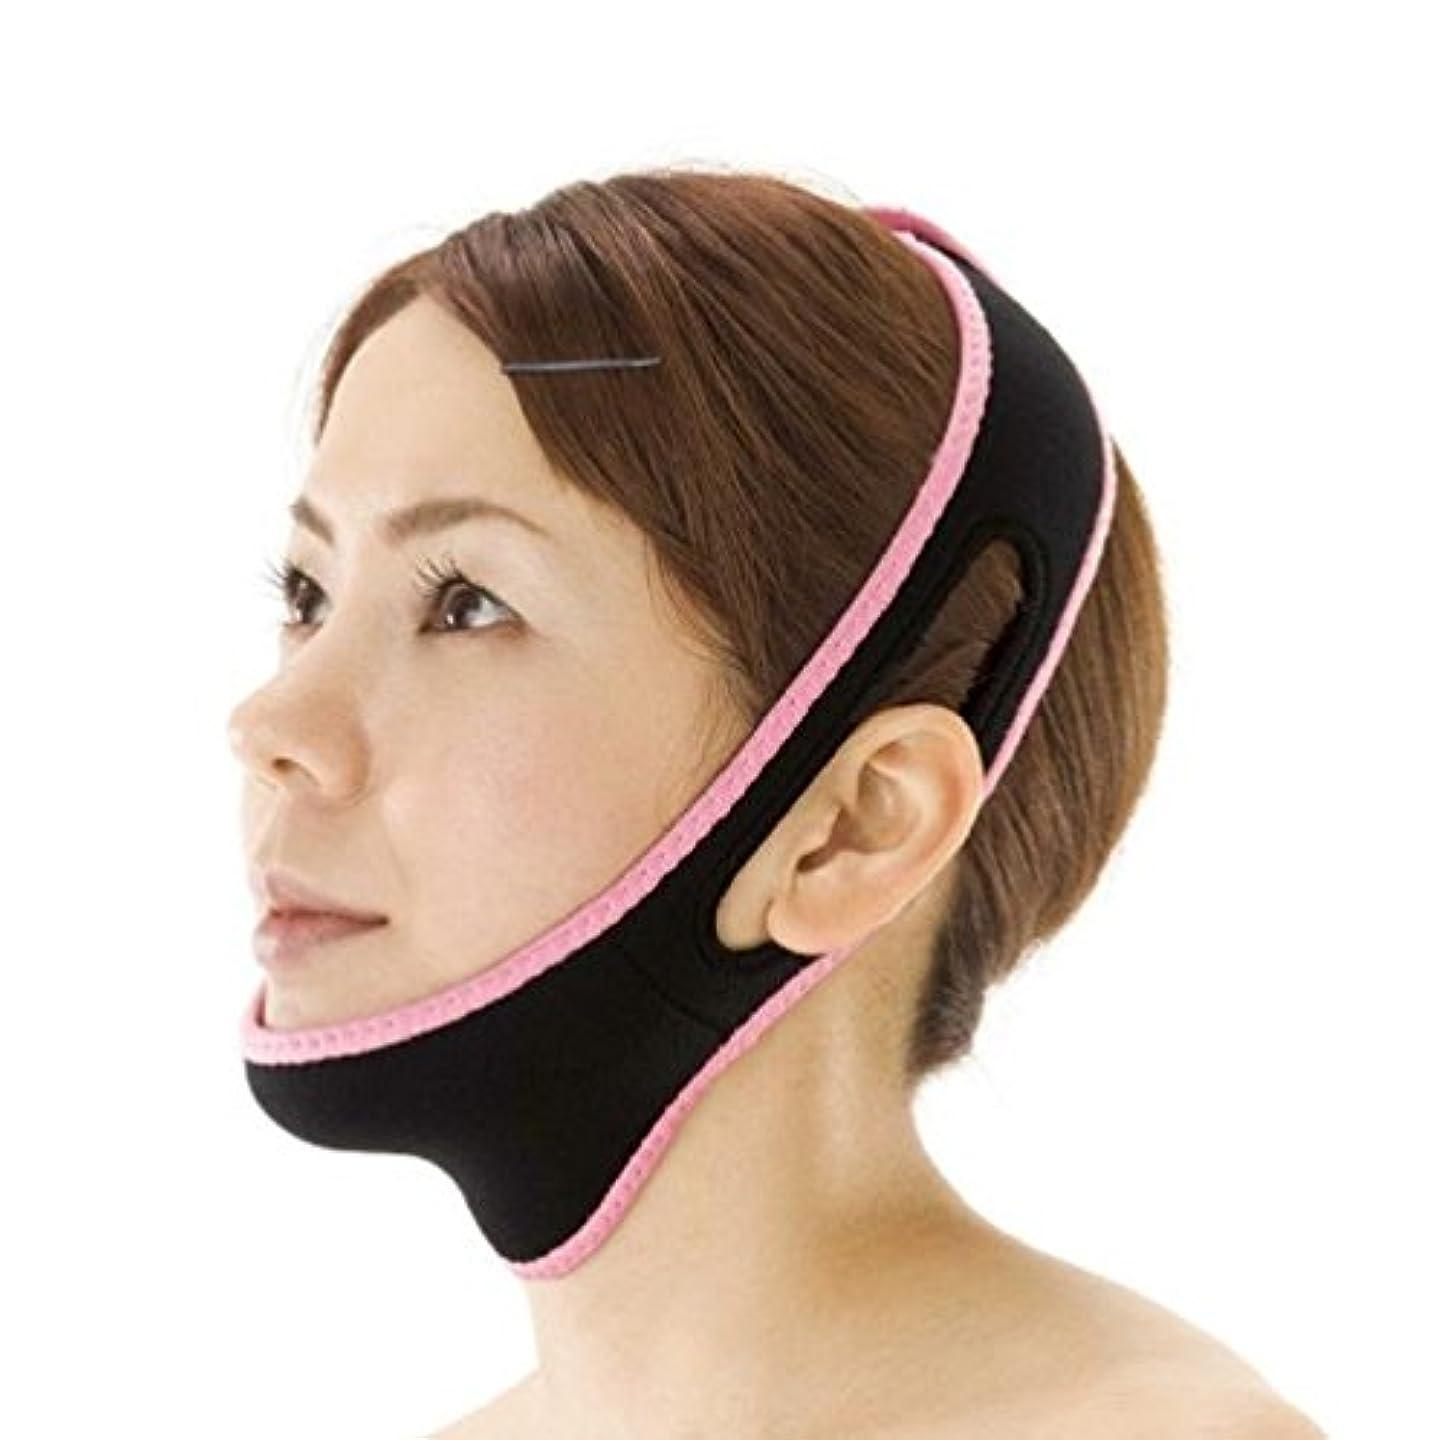 リボン期間ホール小顔リフトアップベルト 寝ながら小顔 小顔矯正 ゲルマニウム 男女兼用ベルト いびき対策